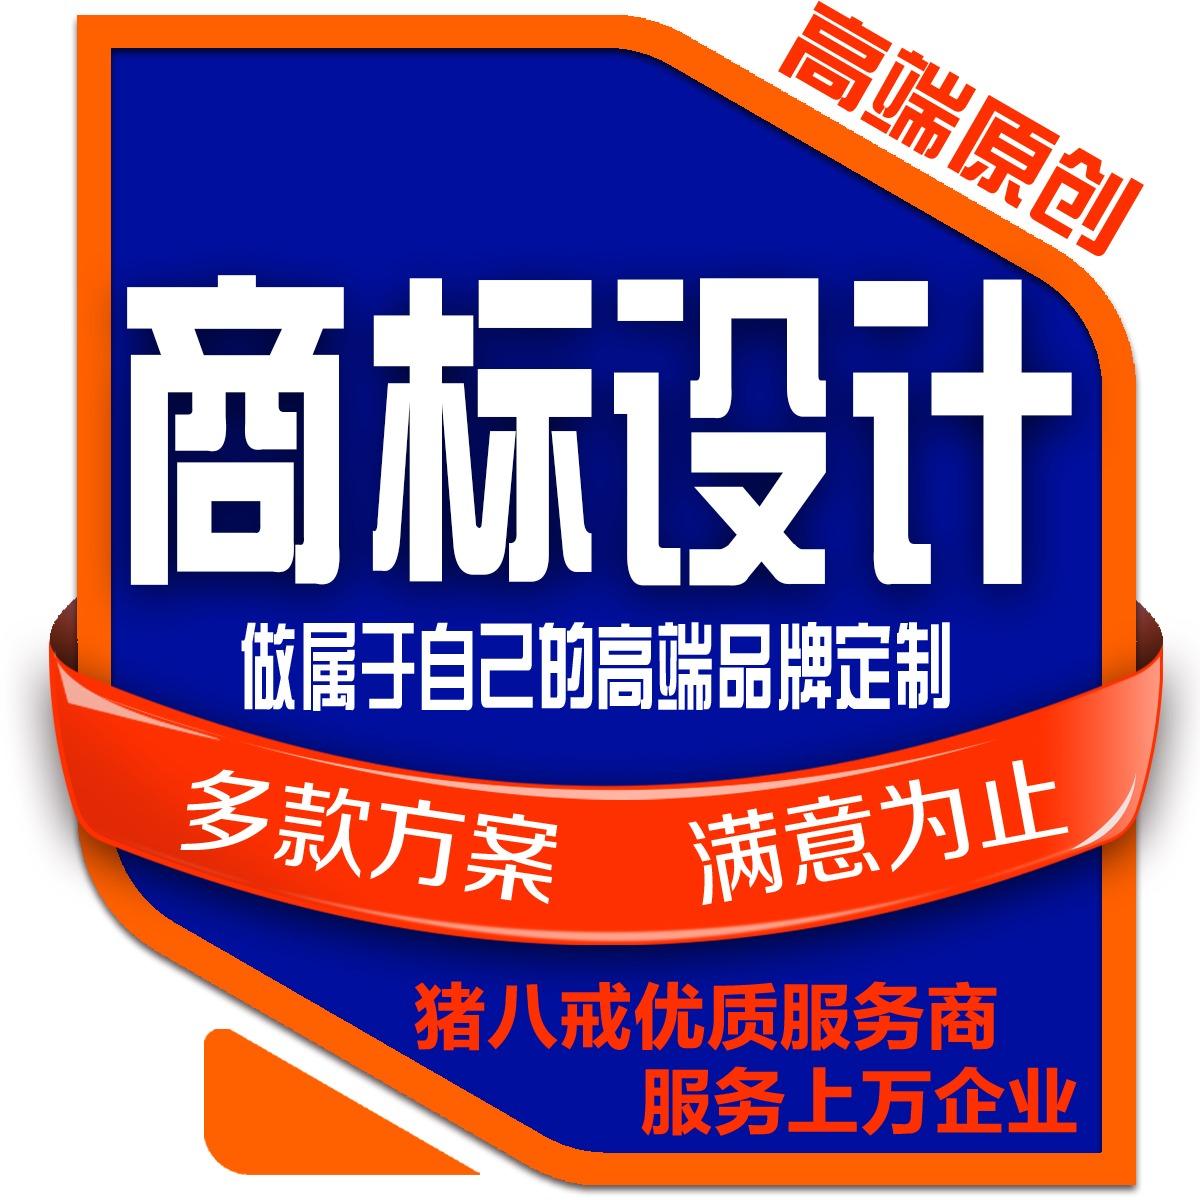 门店商场公账号微博工作室设计事务所兴趣logo设计品牌设计